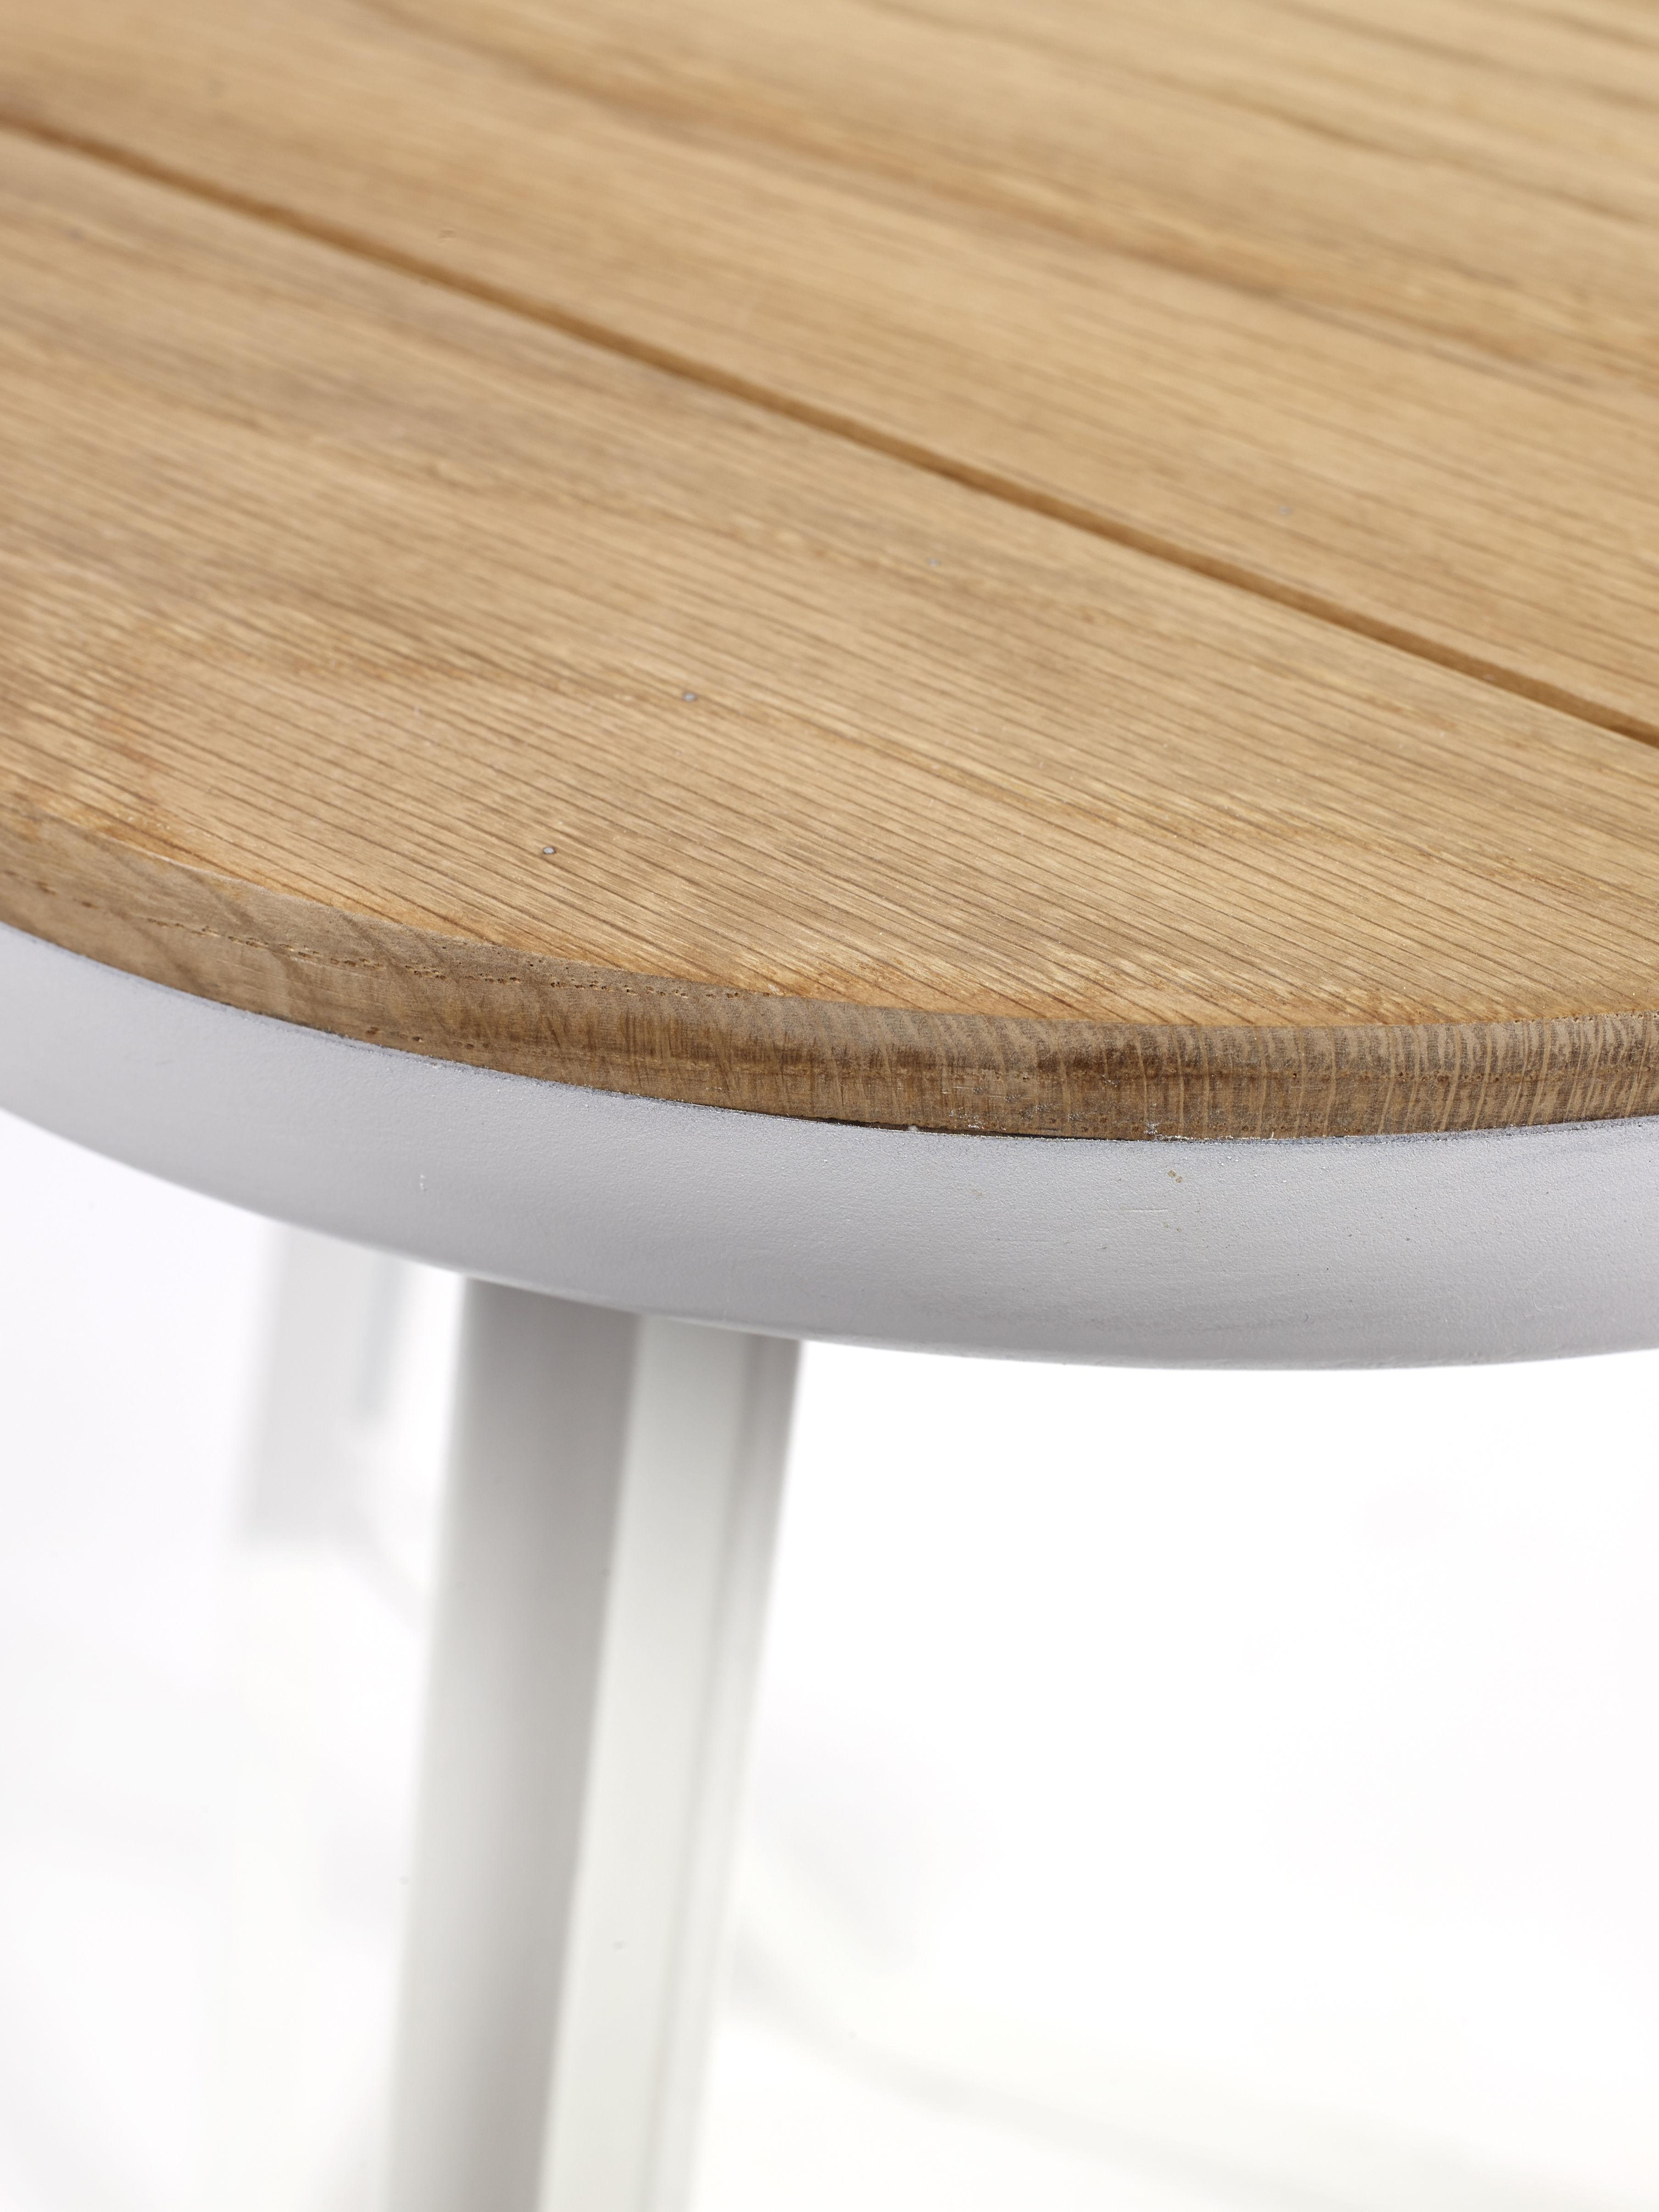 hocker daysign von serax wei holz natur made in design. Black Bedroom Furniture Sets. Home Design Ideas